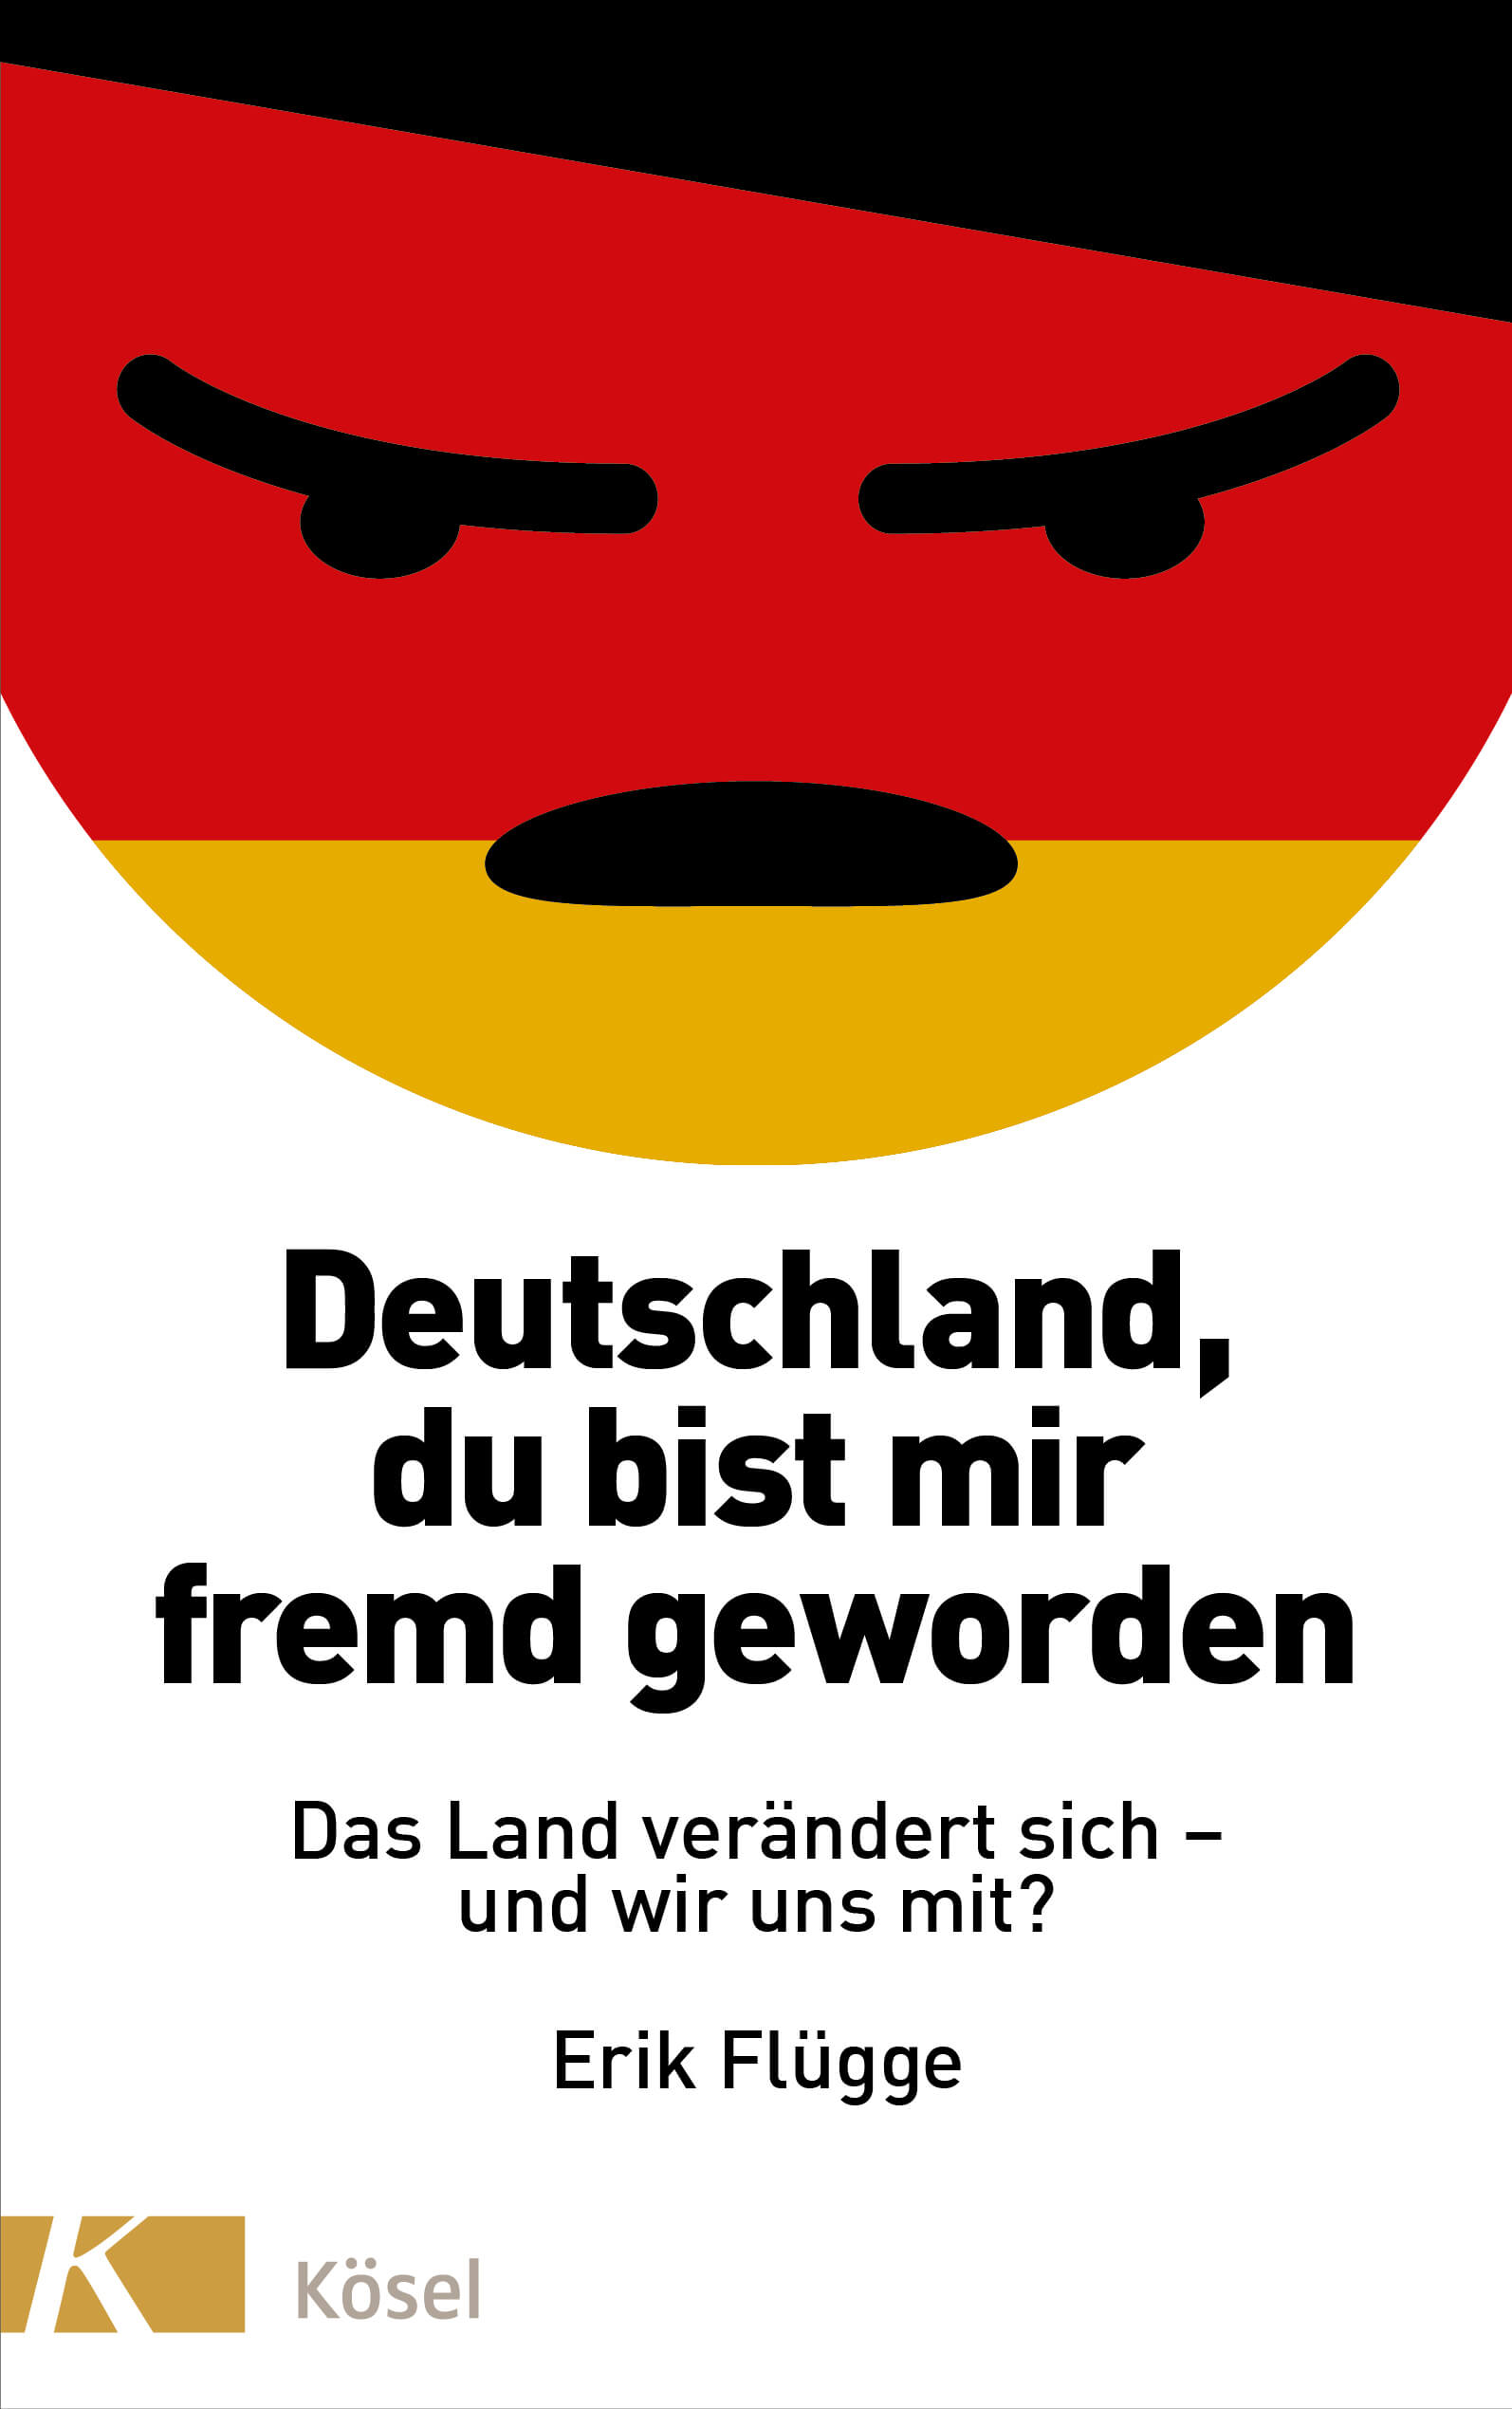 Buchcover von: Deutschland du bist mir fremd geworden – Erik Flügge